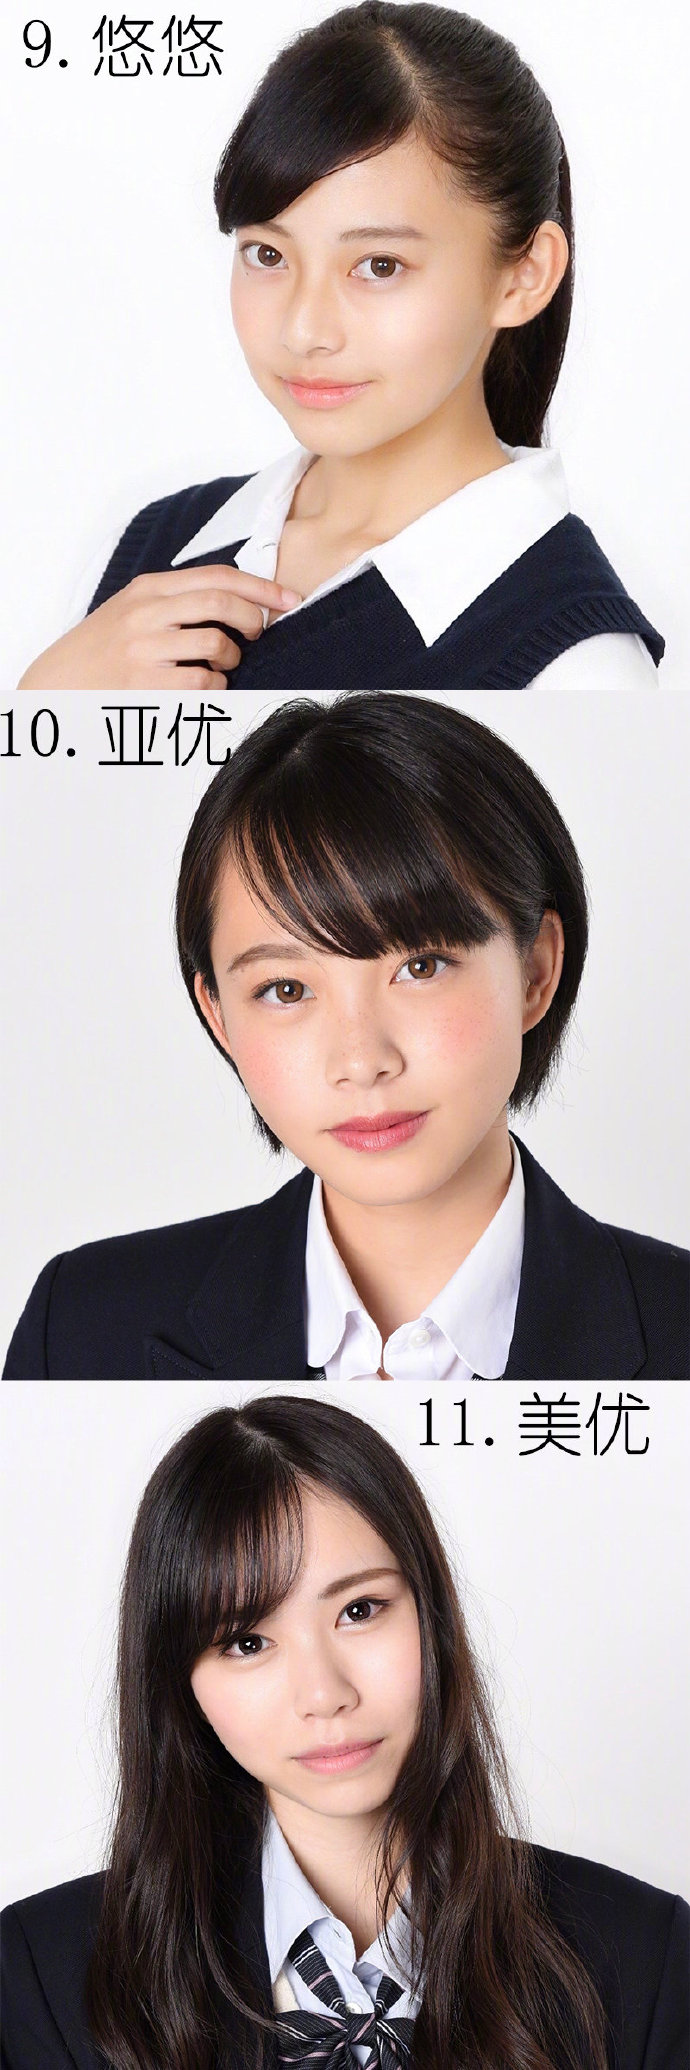 """2019""""日本最可爱女高中生""""大赛决选入围的11人…你投哪个? 涨姿势 第9张"""